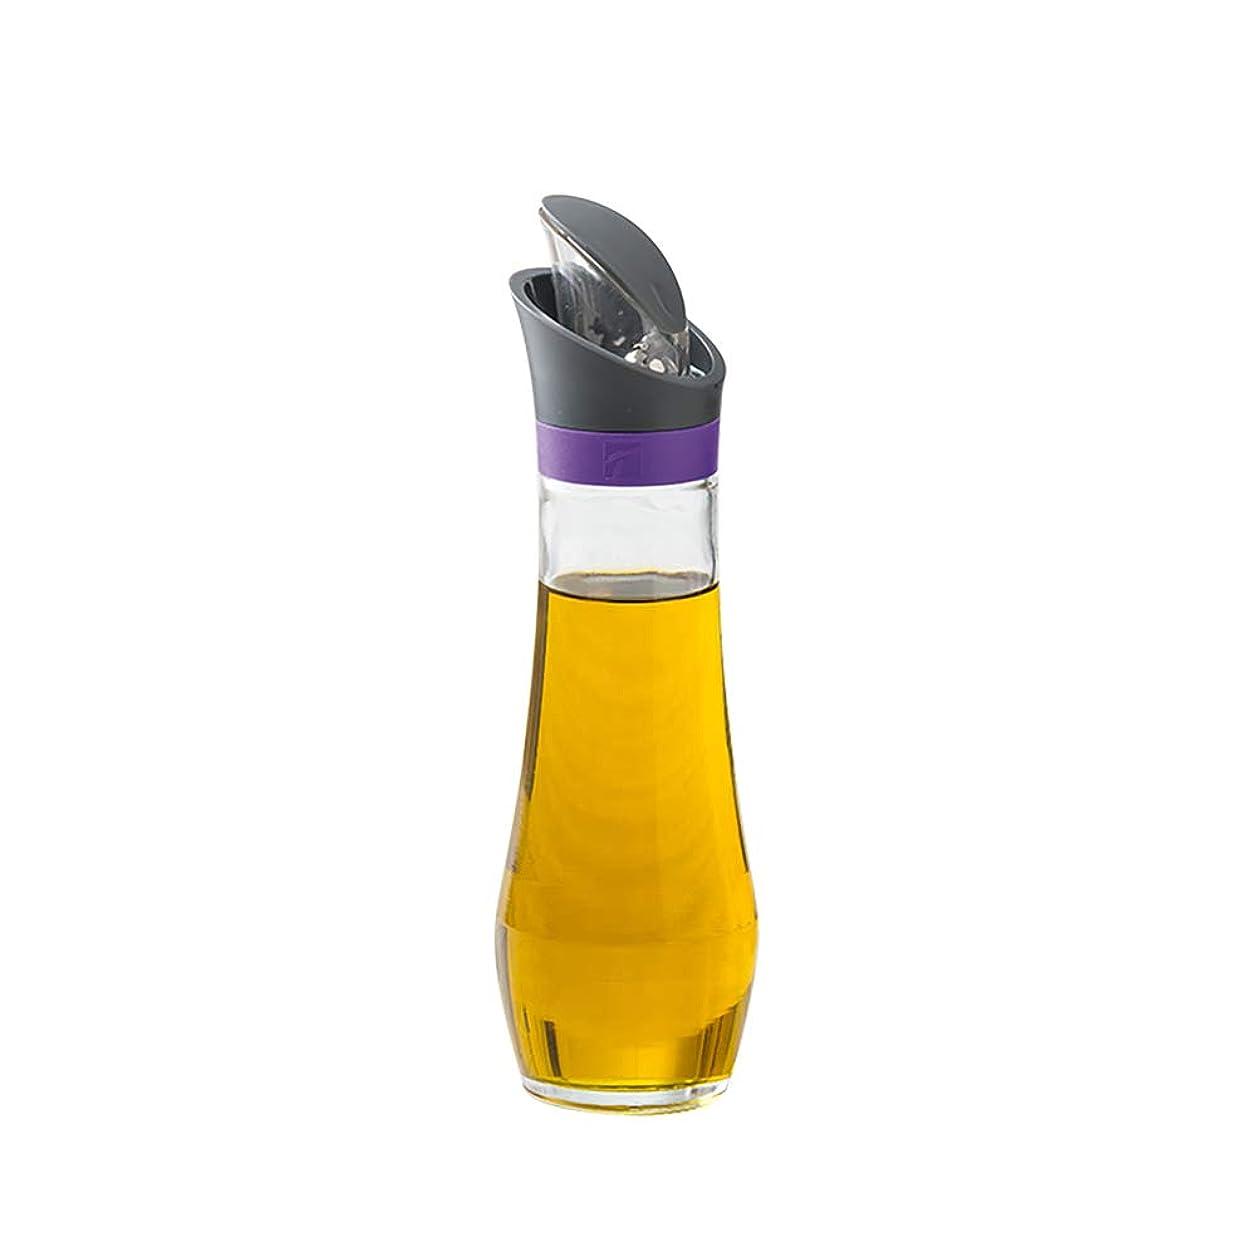 認識ささいな南極「生活のカタチ」 自動フタ開き式 オイル差し 油さし 透明 調味サーバー 醤油差し 調味料入れ 調味料ボトル 3色選択 (パープル, 2点セット)